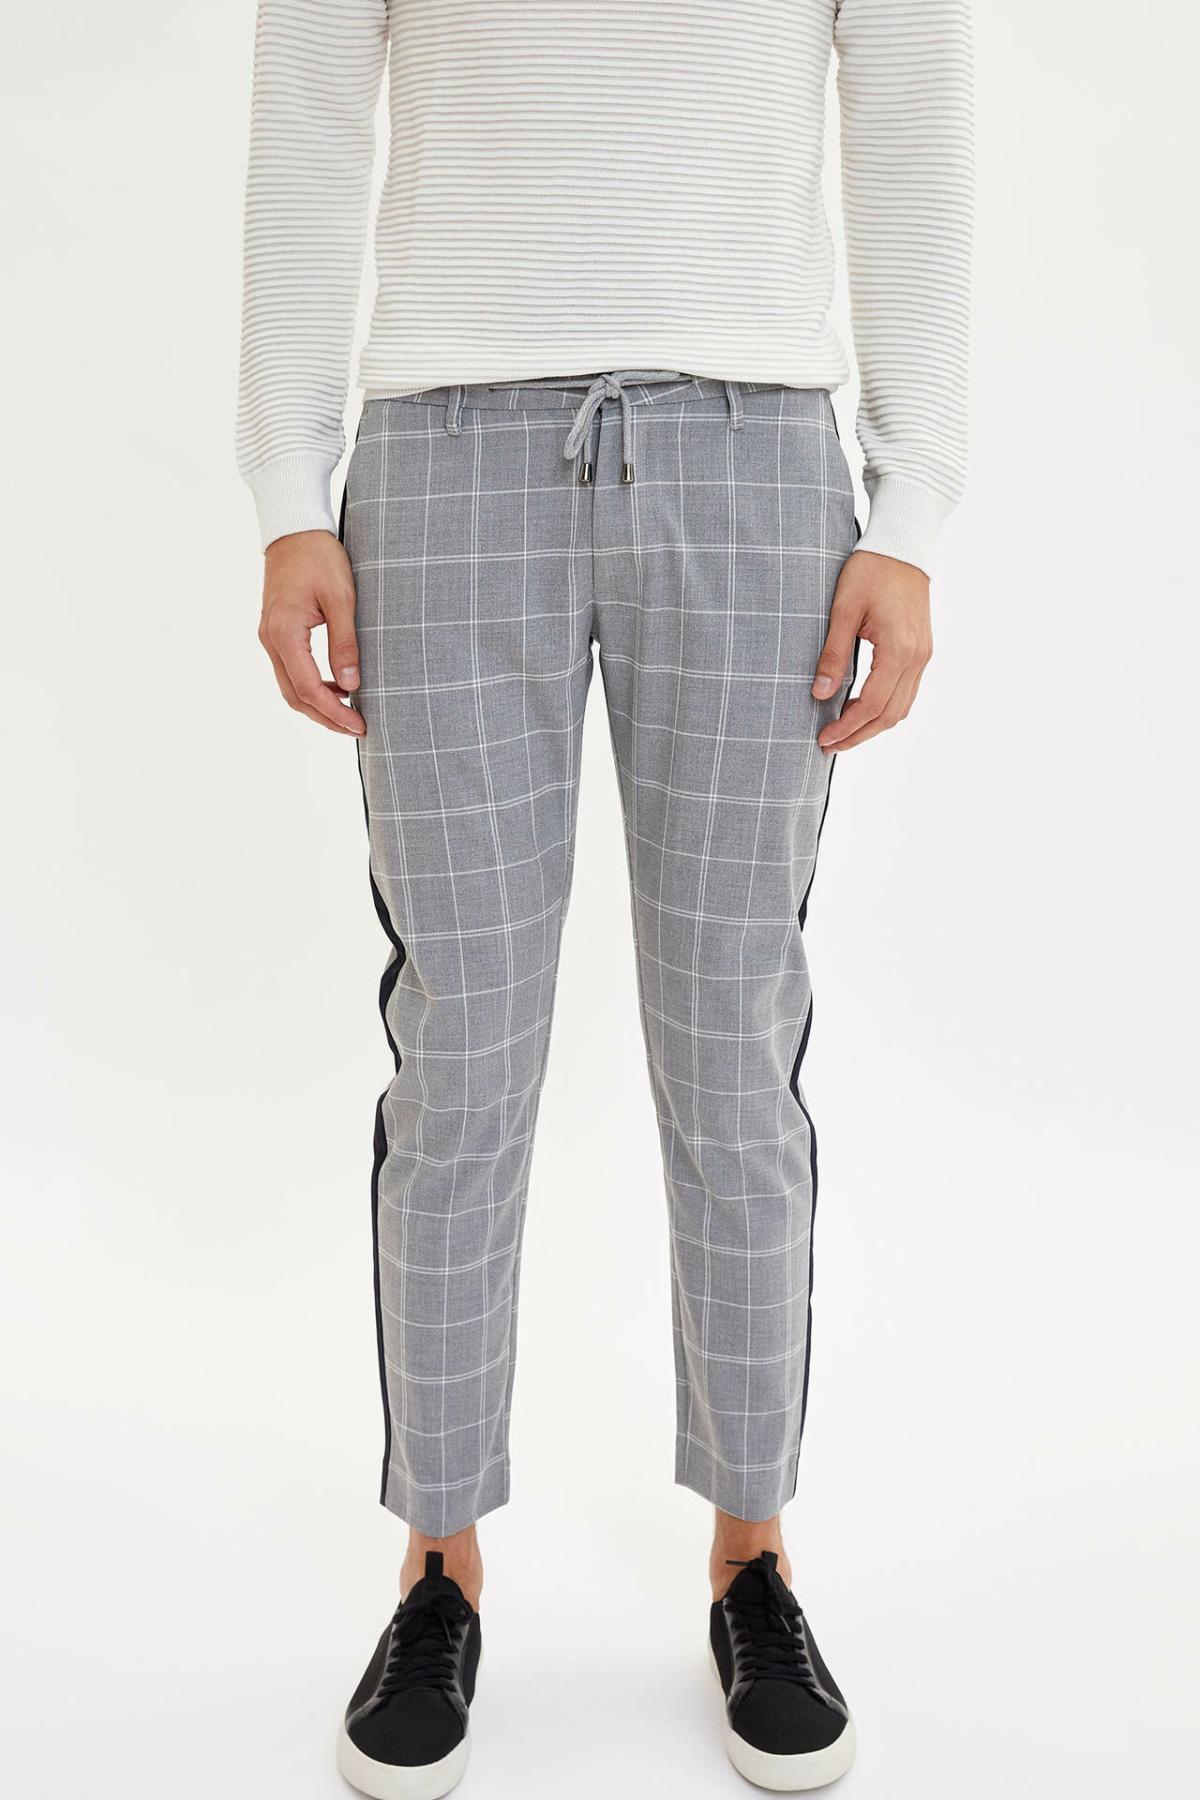 DeFacto Men's Sport Pant Men's Solid Casual Drawstring Plaid Pants Leisure Cotton Long Pants Sweatpants Male - L6913AZ19AU